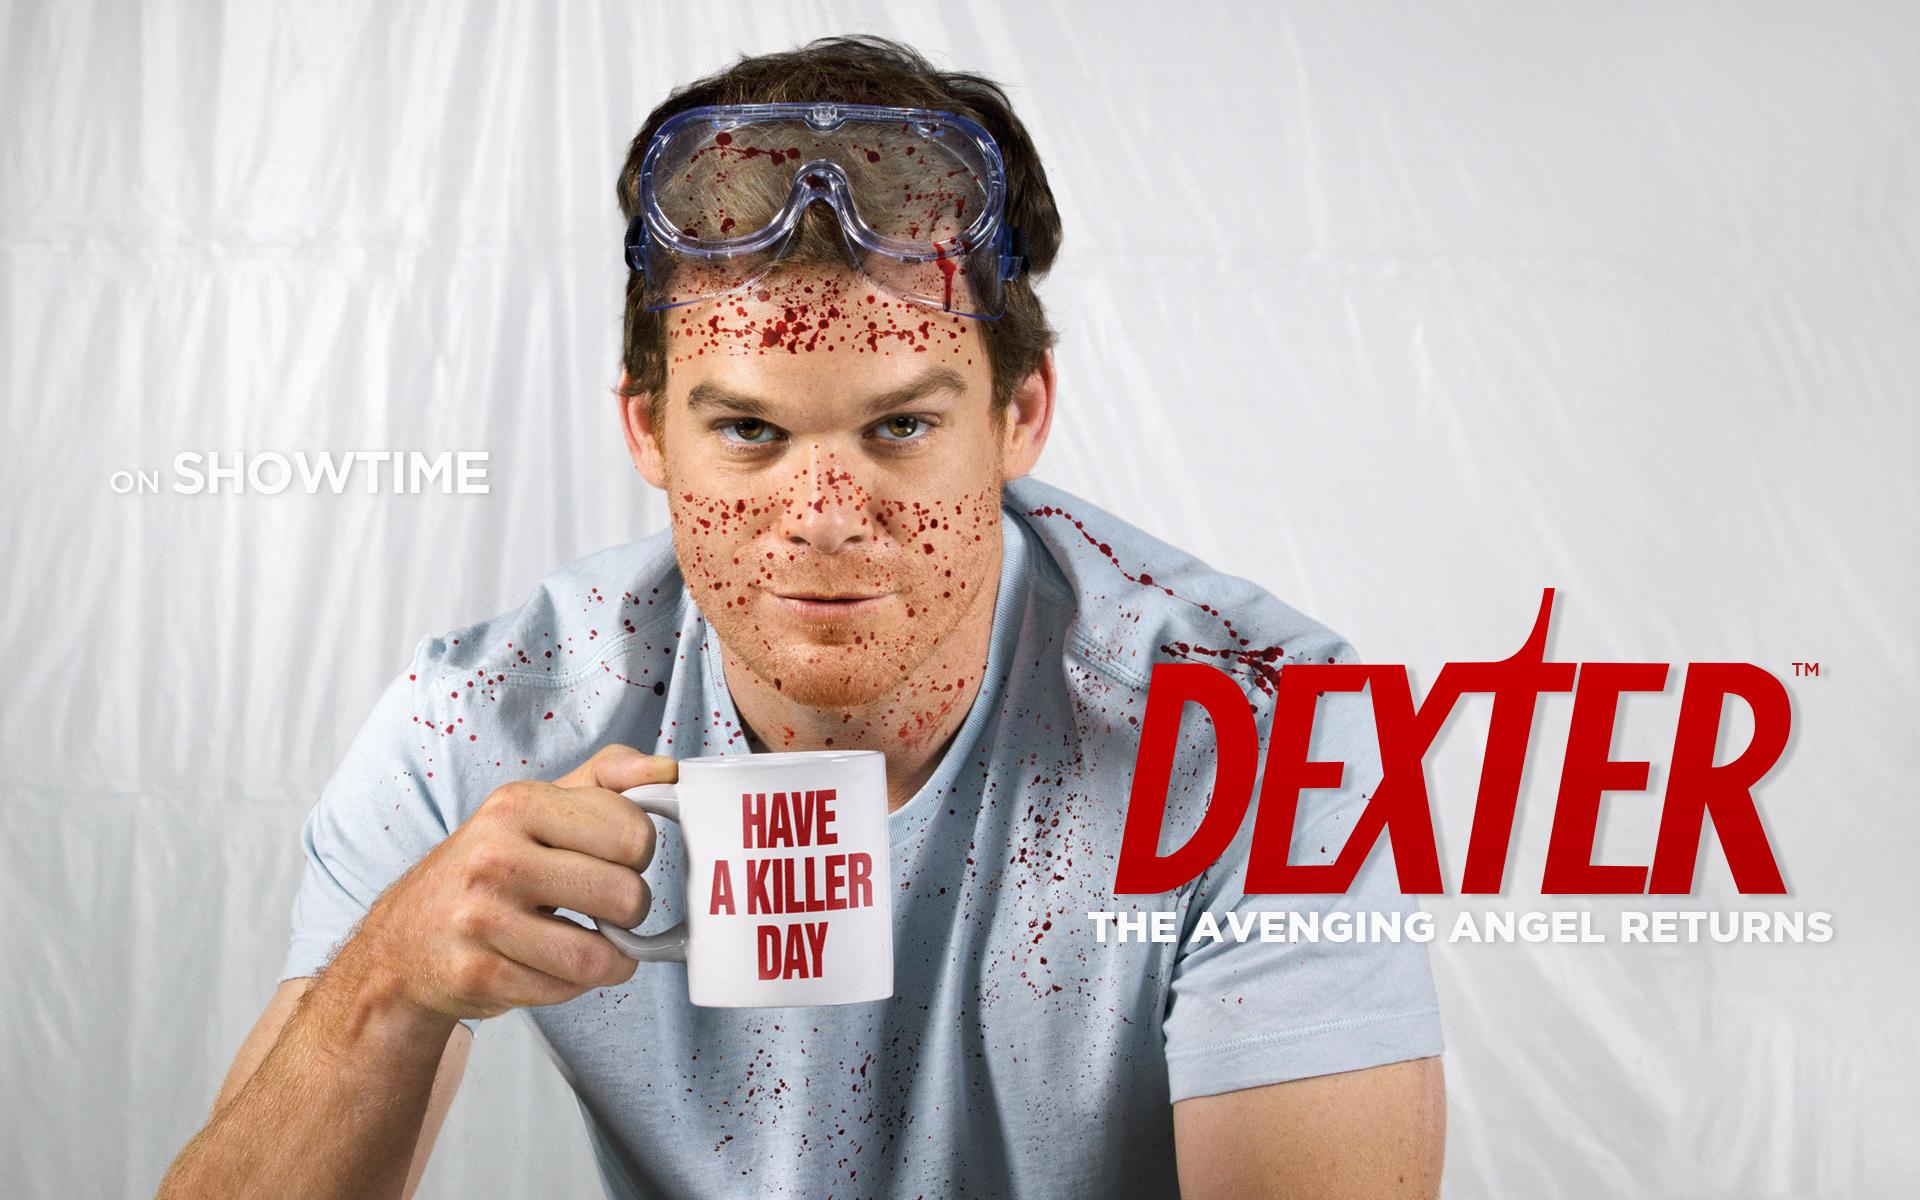 Dexter Season 6 wallpaper 2 HD by iNicKeoN